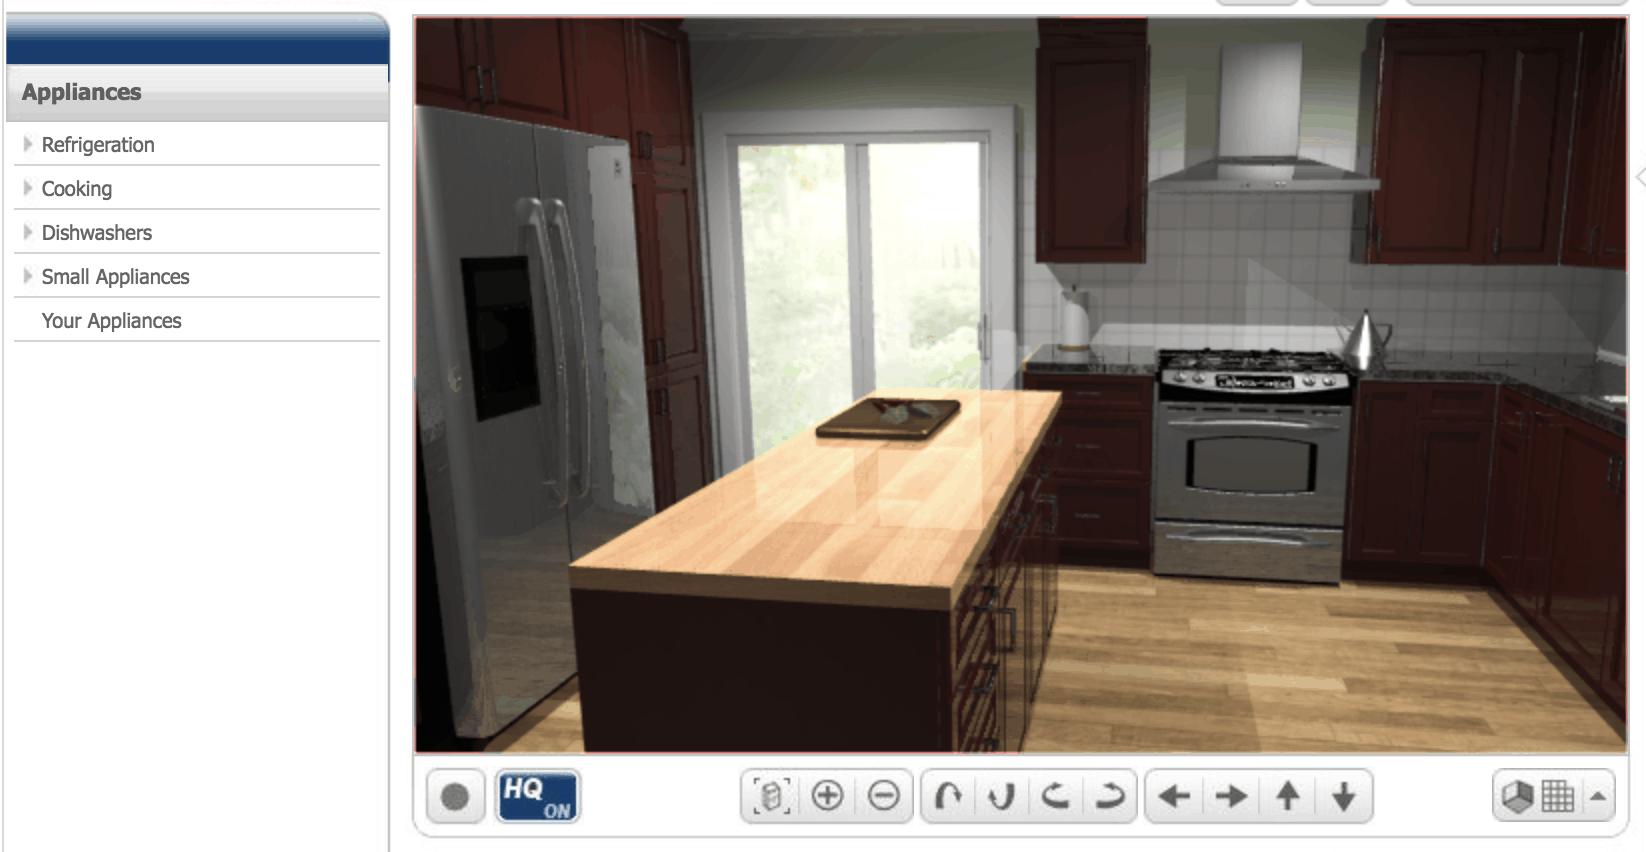 Free Kitchen Design Software.24 Best Online Kitchen Design Software Options In 2019 Free